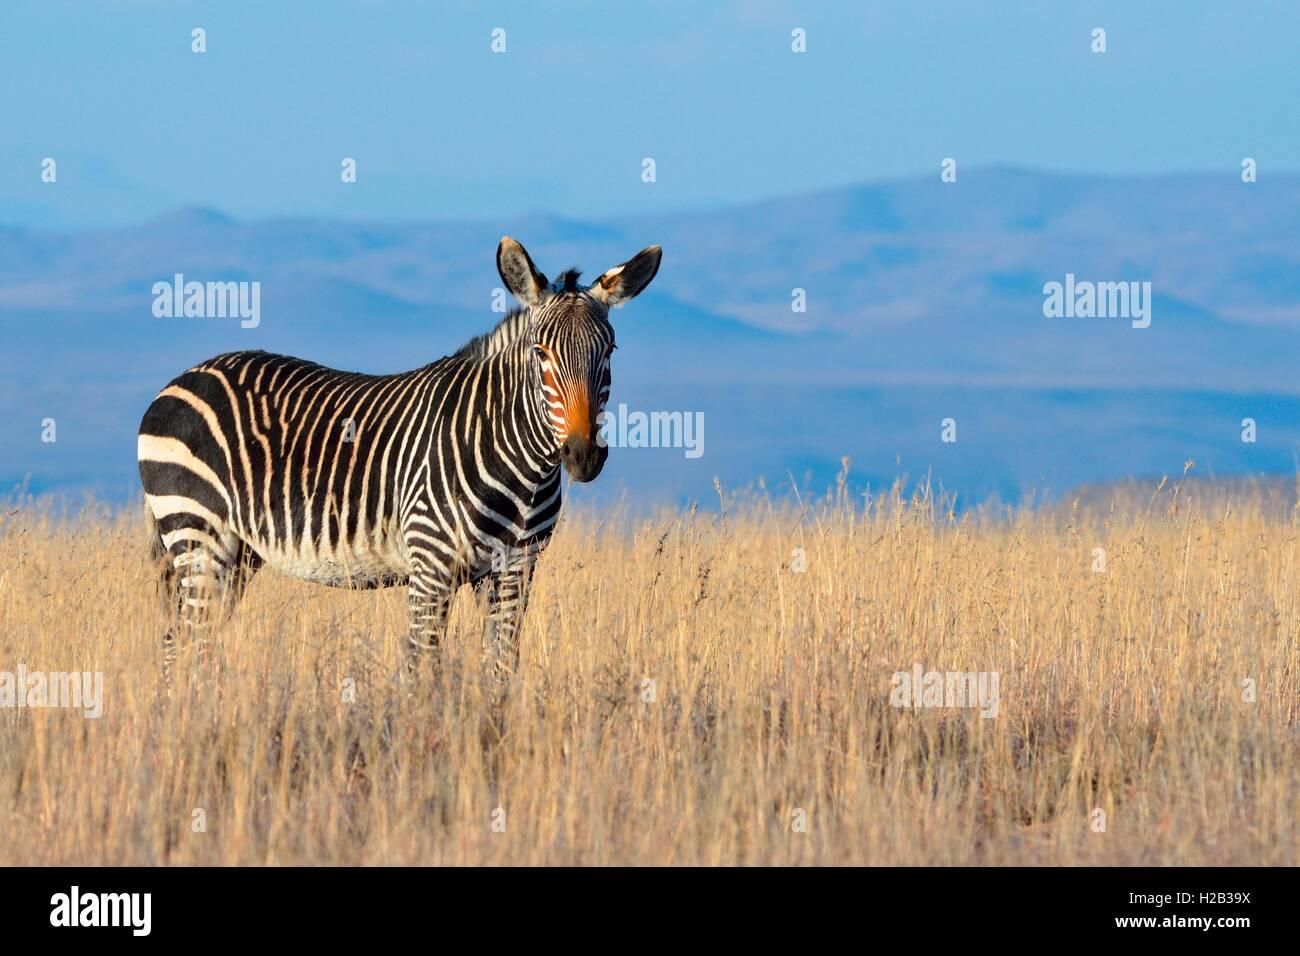 Kap-Bergzebra (Equus Zebra Zebra), stehend in den Trockenrasen, Mountain Zebra National Park, Eastern Cape, Südafrika Stockbild